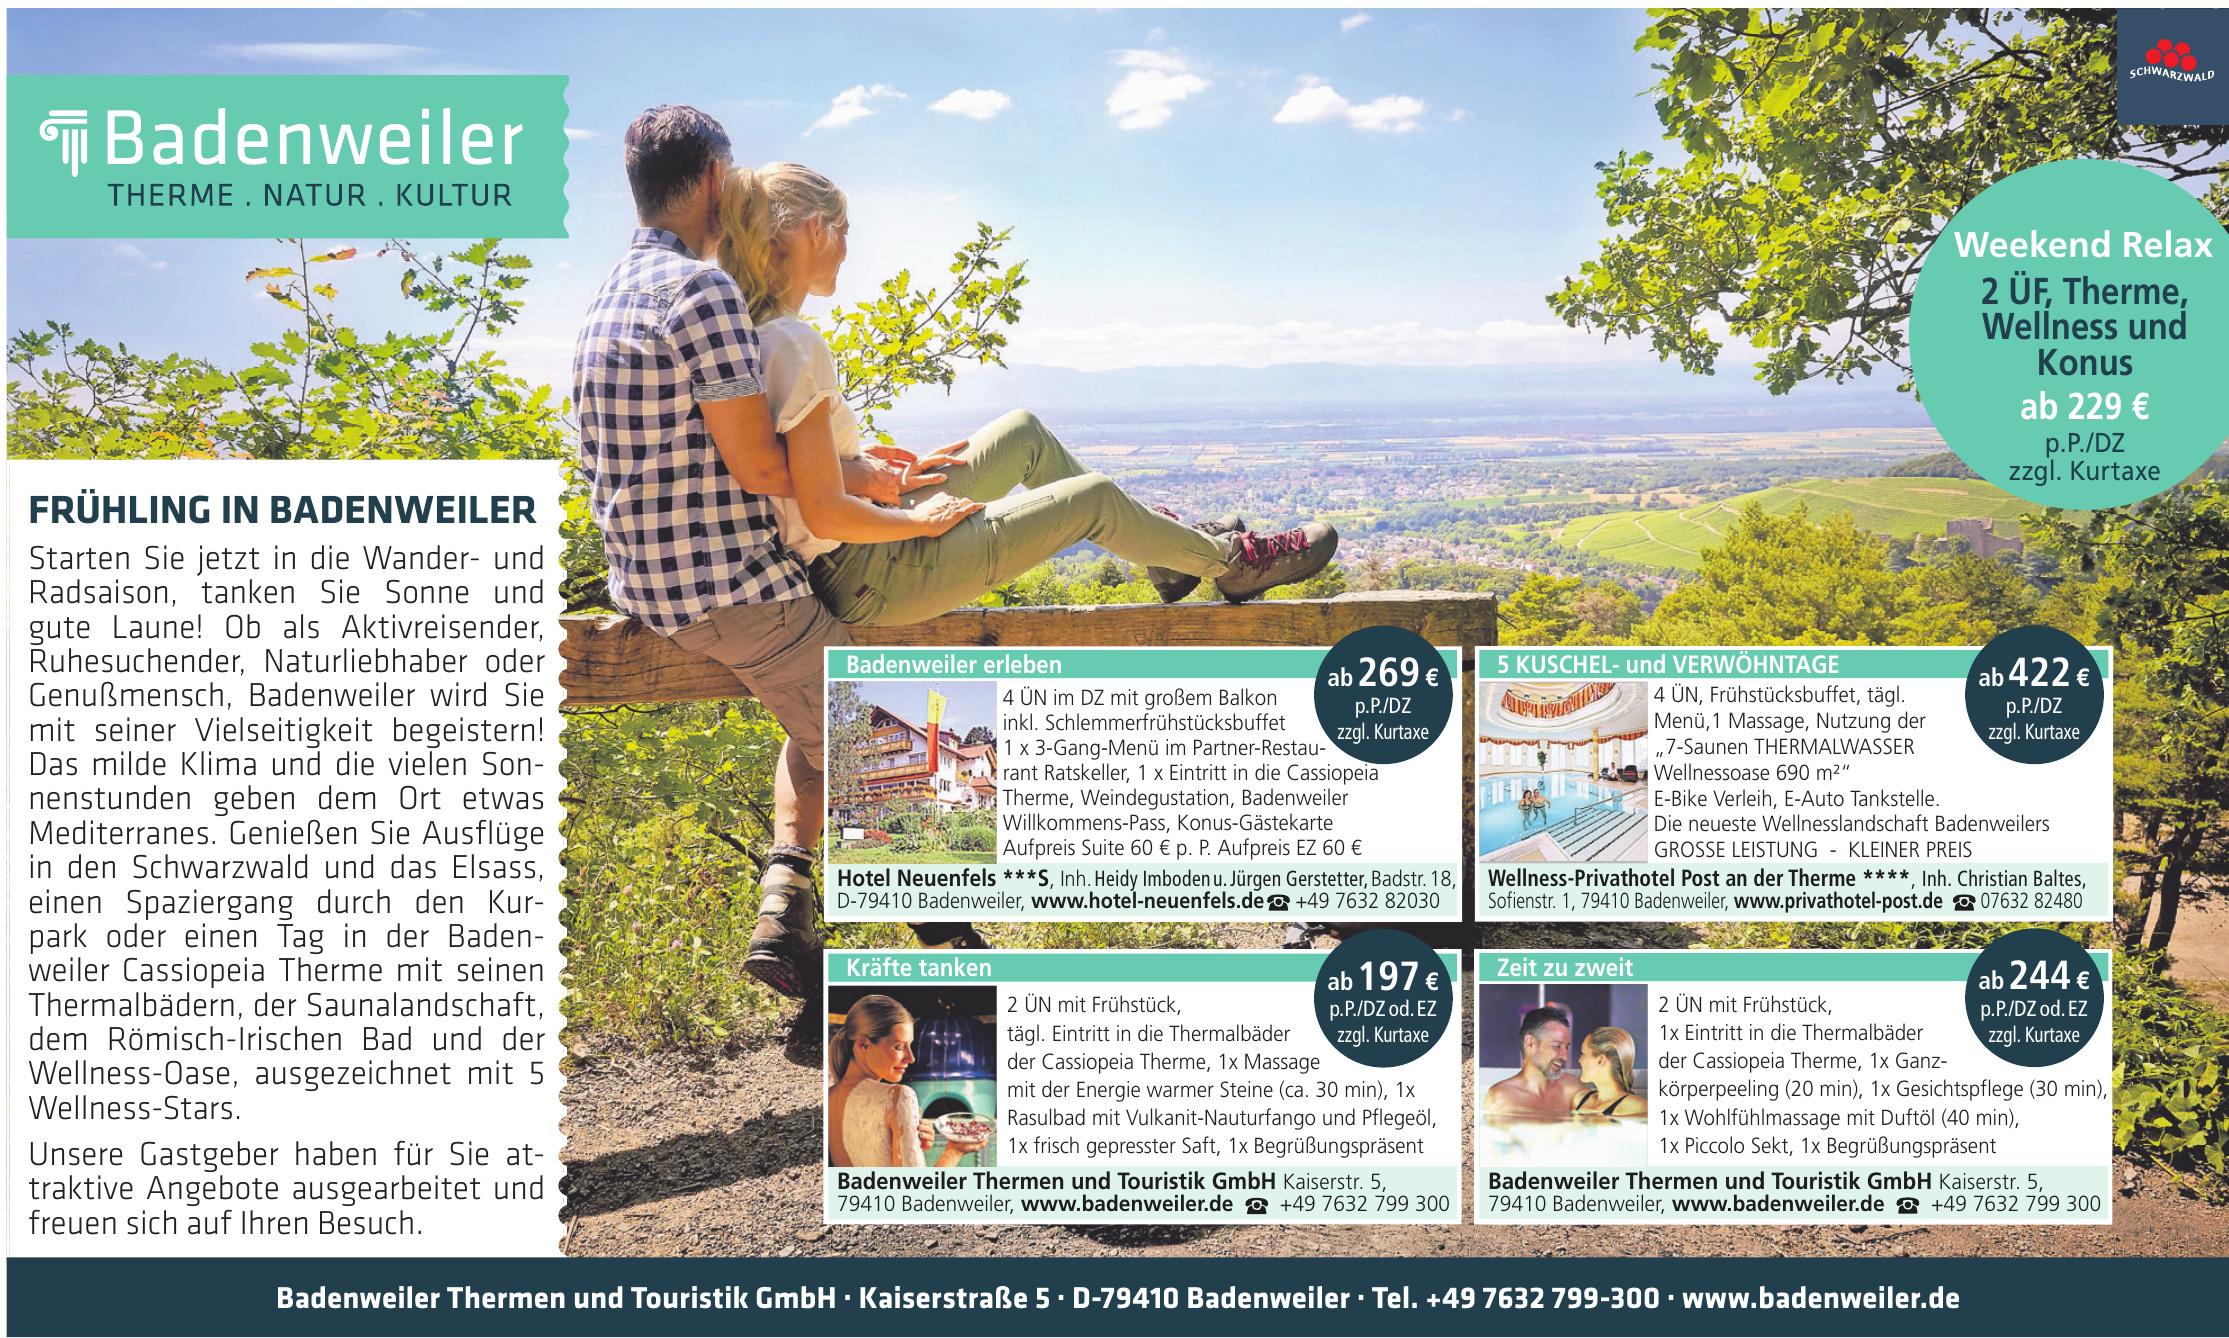 Badenweiler Thermen und Touristik GmbH